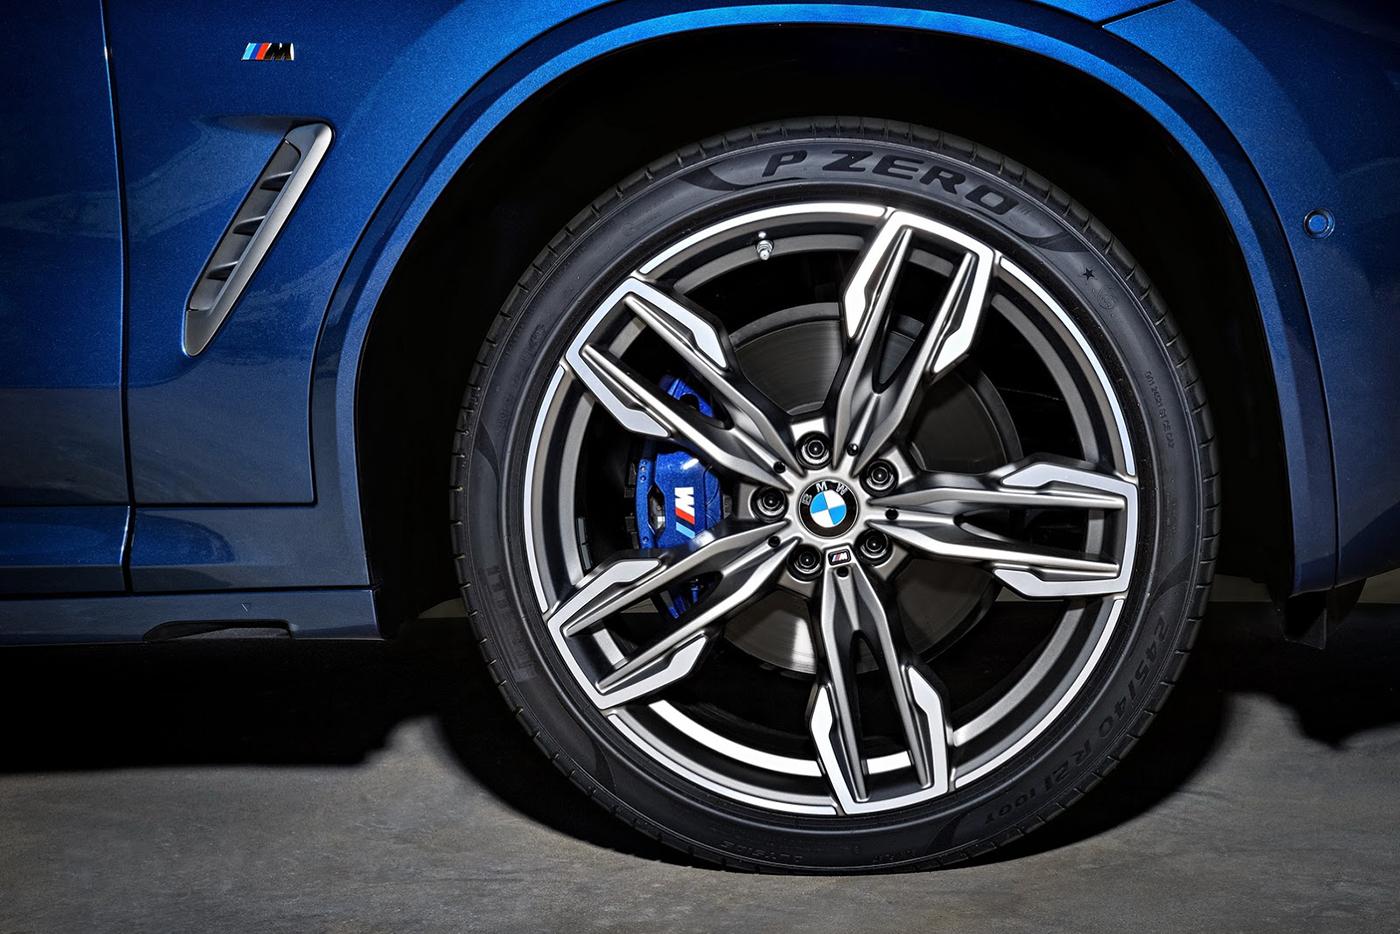 Mâm Xe BMW X3- Mẫu Xe 5 Chỗ BMW X3 Đời Mới 2019-2020 Ra Mắt Việt Nam Bao Nhiêu, CHÍNH THỨC RA MẮT, GIÁ XE BMW X5 ĐỜI MỚI NHẤT 2019 BAO NHIÊU TIỀN, KHI NÀO BMW X3 VỀ VIỆT NAM, GIÁ XE BMW 5 CHỖ GẦM CAO SUV X3 320I